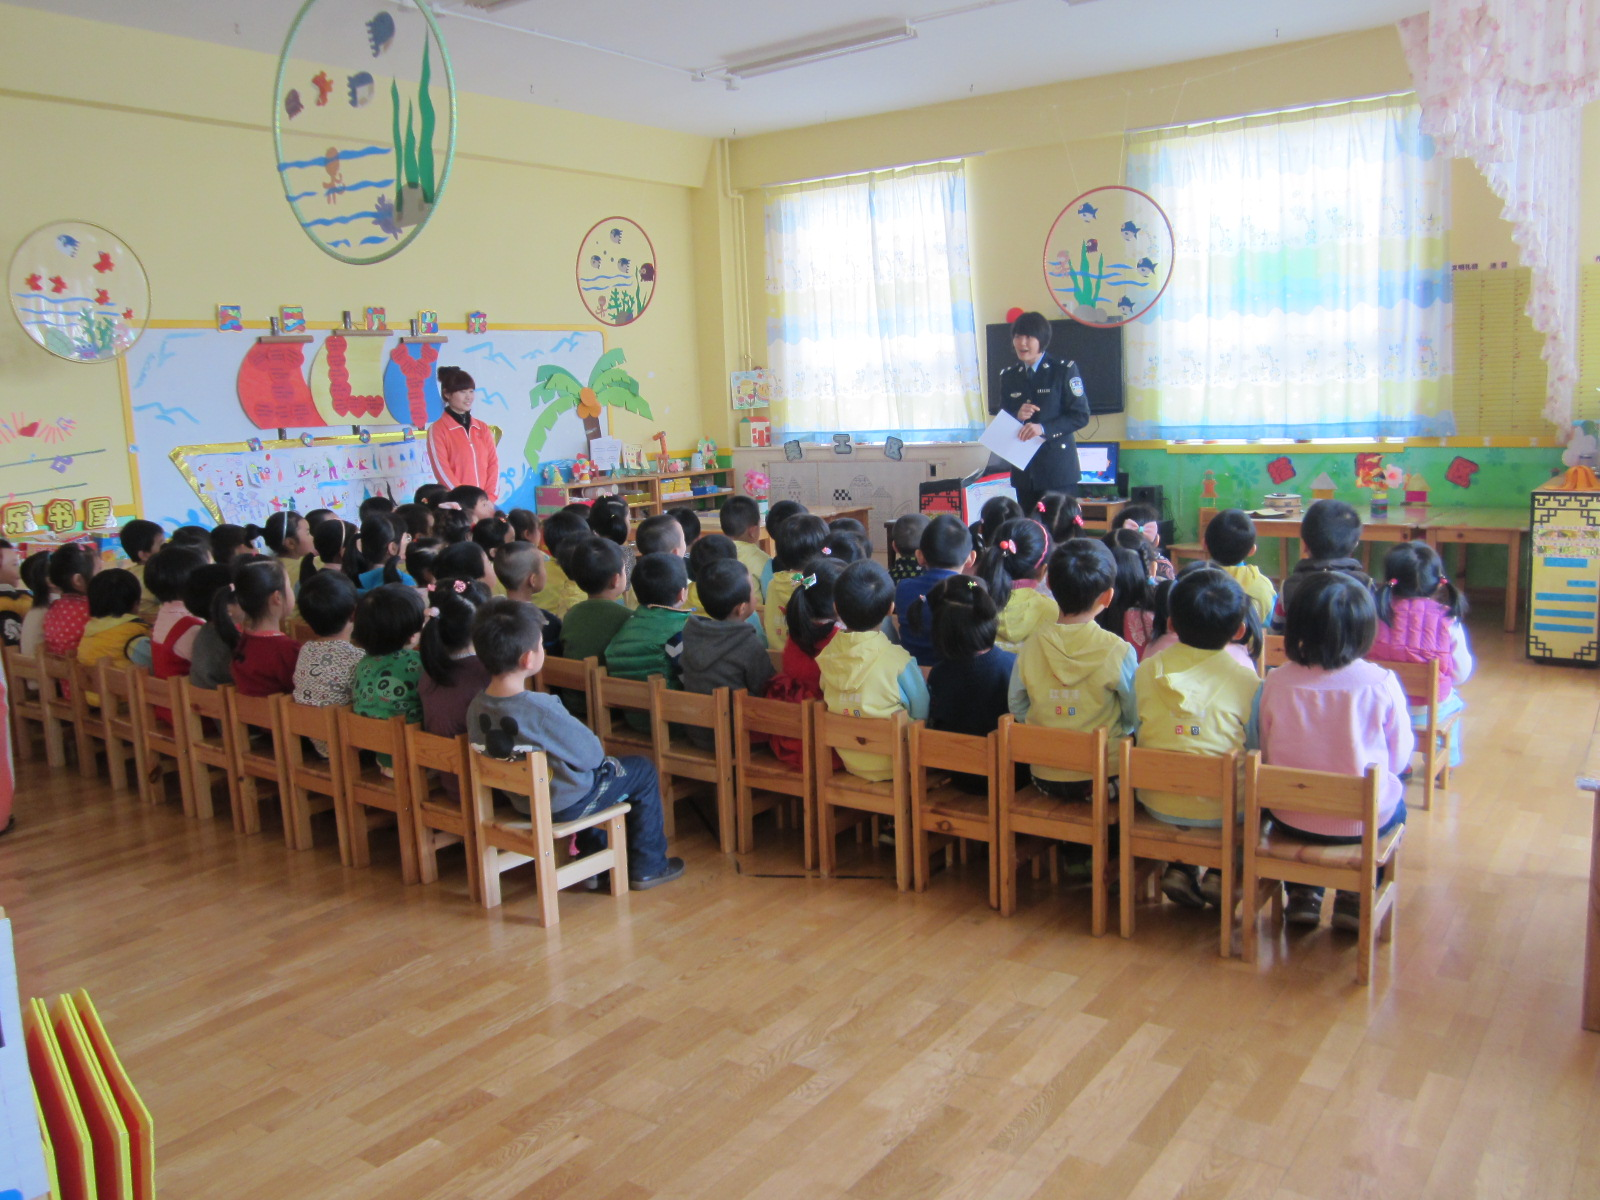 青岛红黄蓝万福幼儿园——中班家长执教